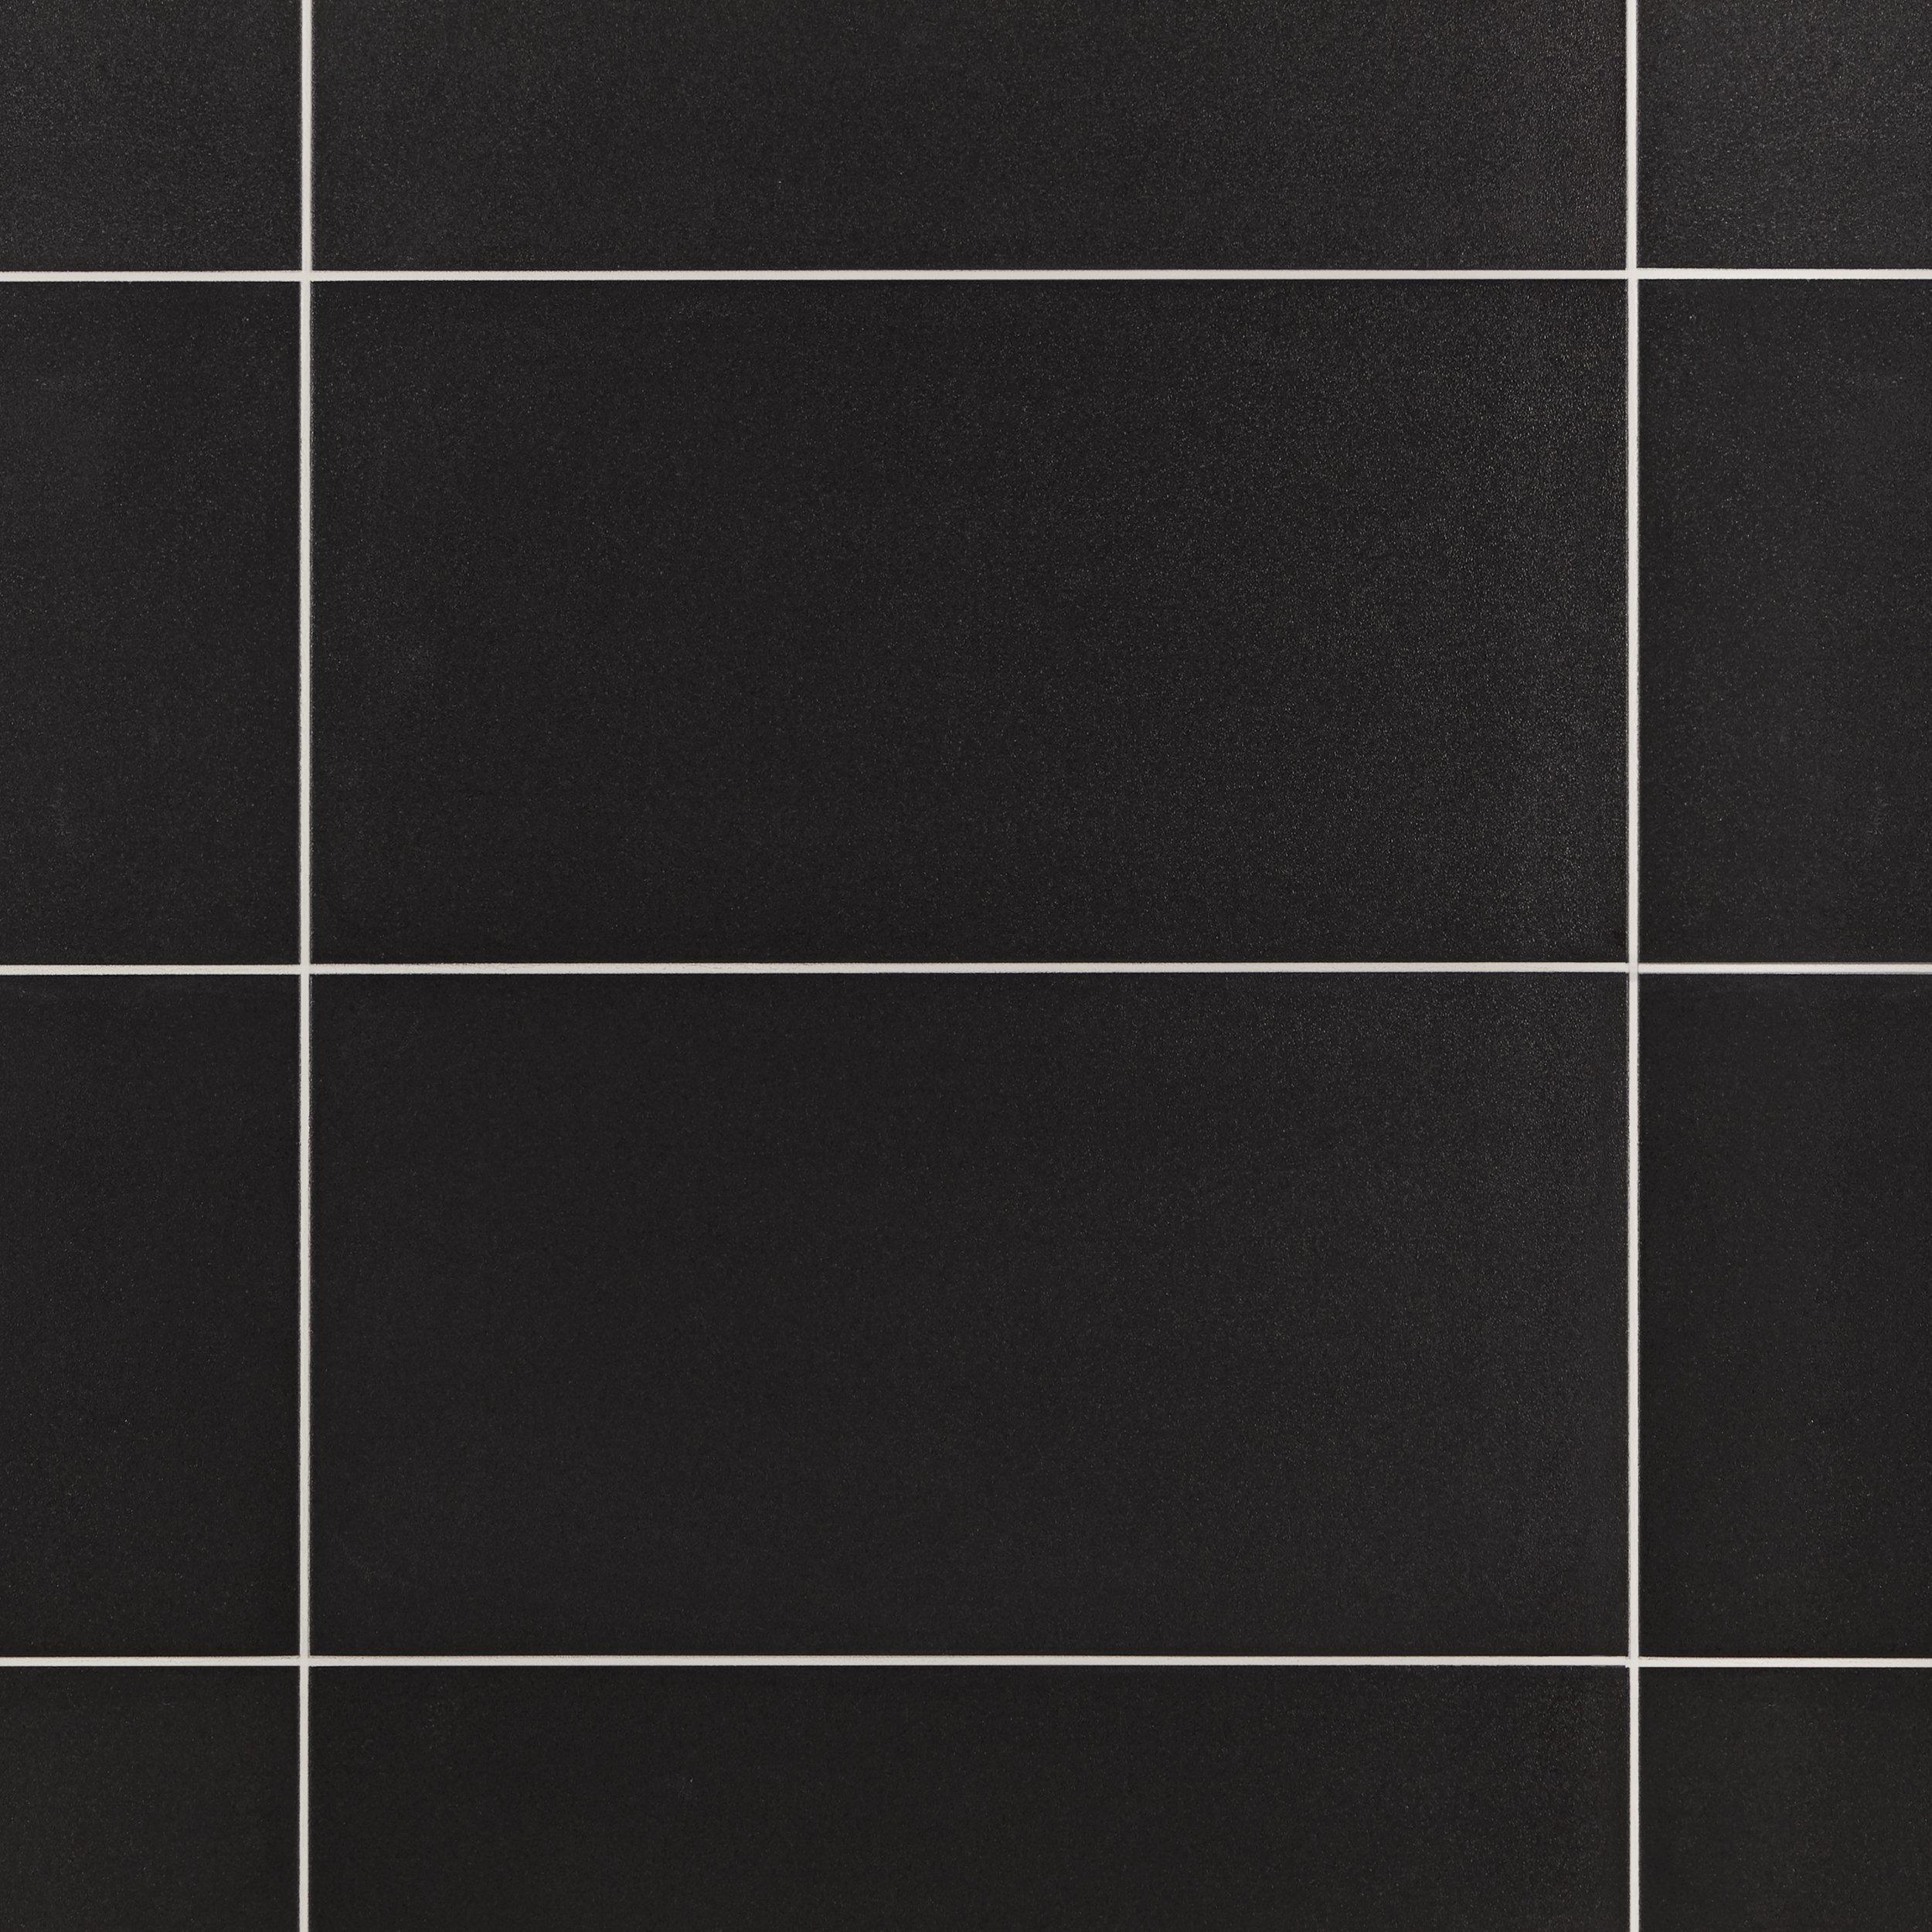 Super Black Porcelain Tile 12 X 24 912500186 Floor